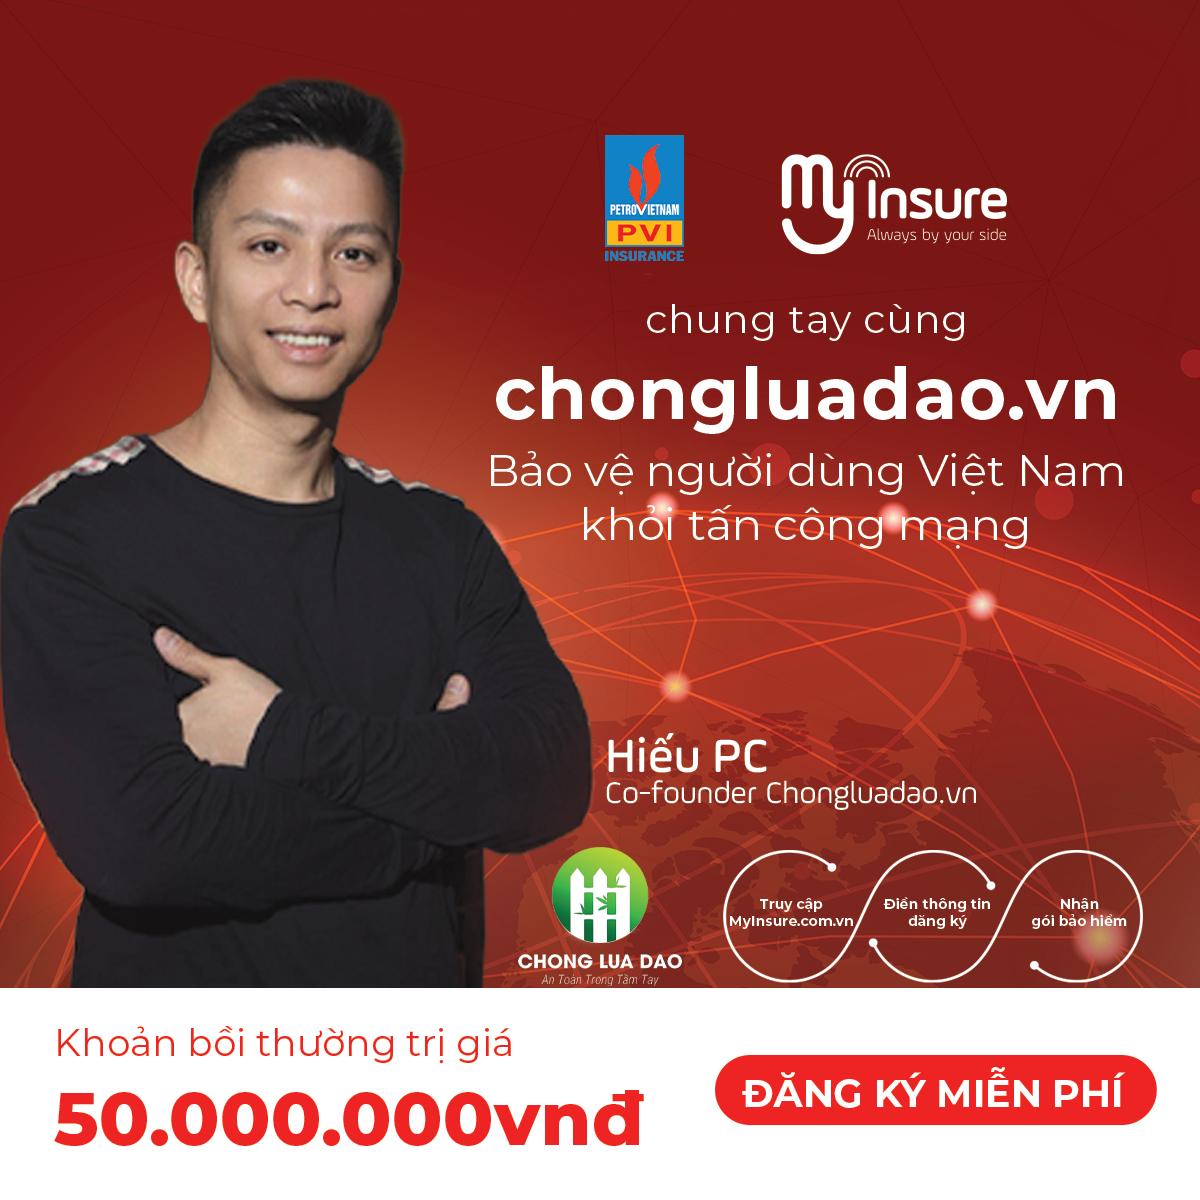 Giải pháp bảo vệ hơn 1 triệu người dùng Việt Nam trước nguy cơ bị tấn công mạng